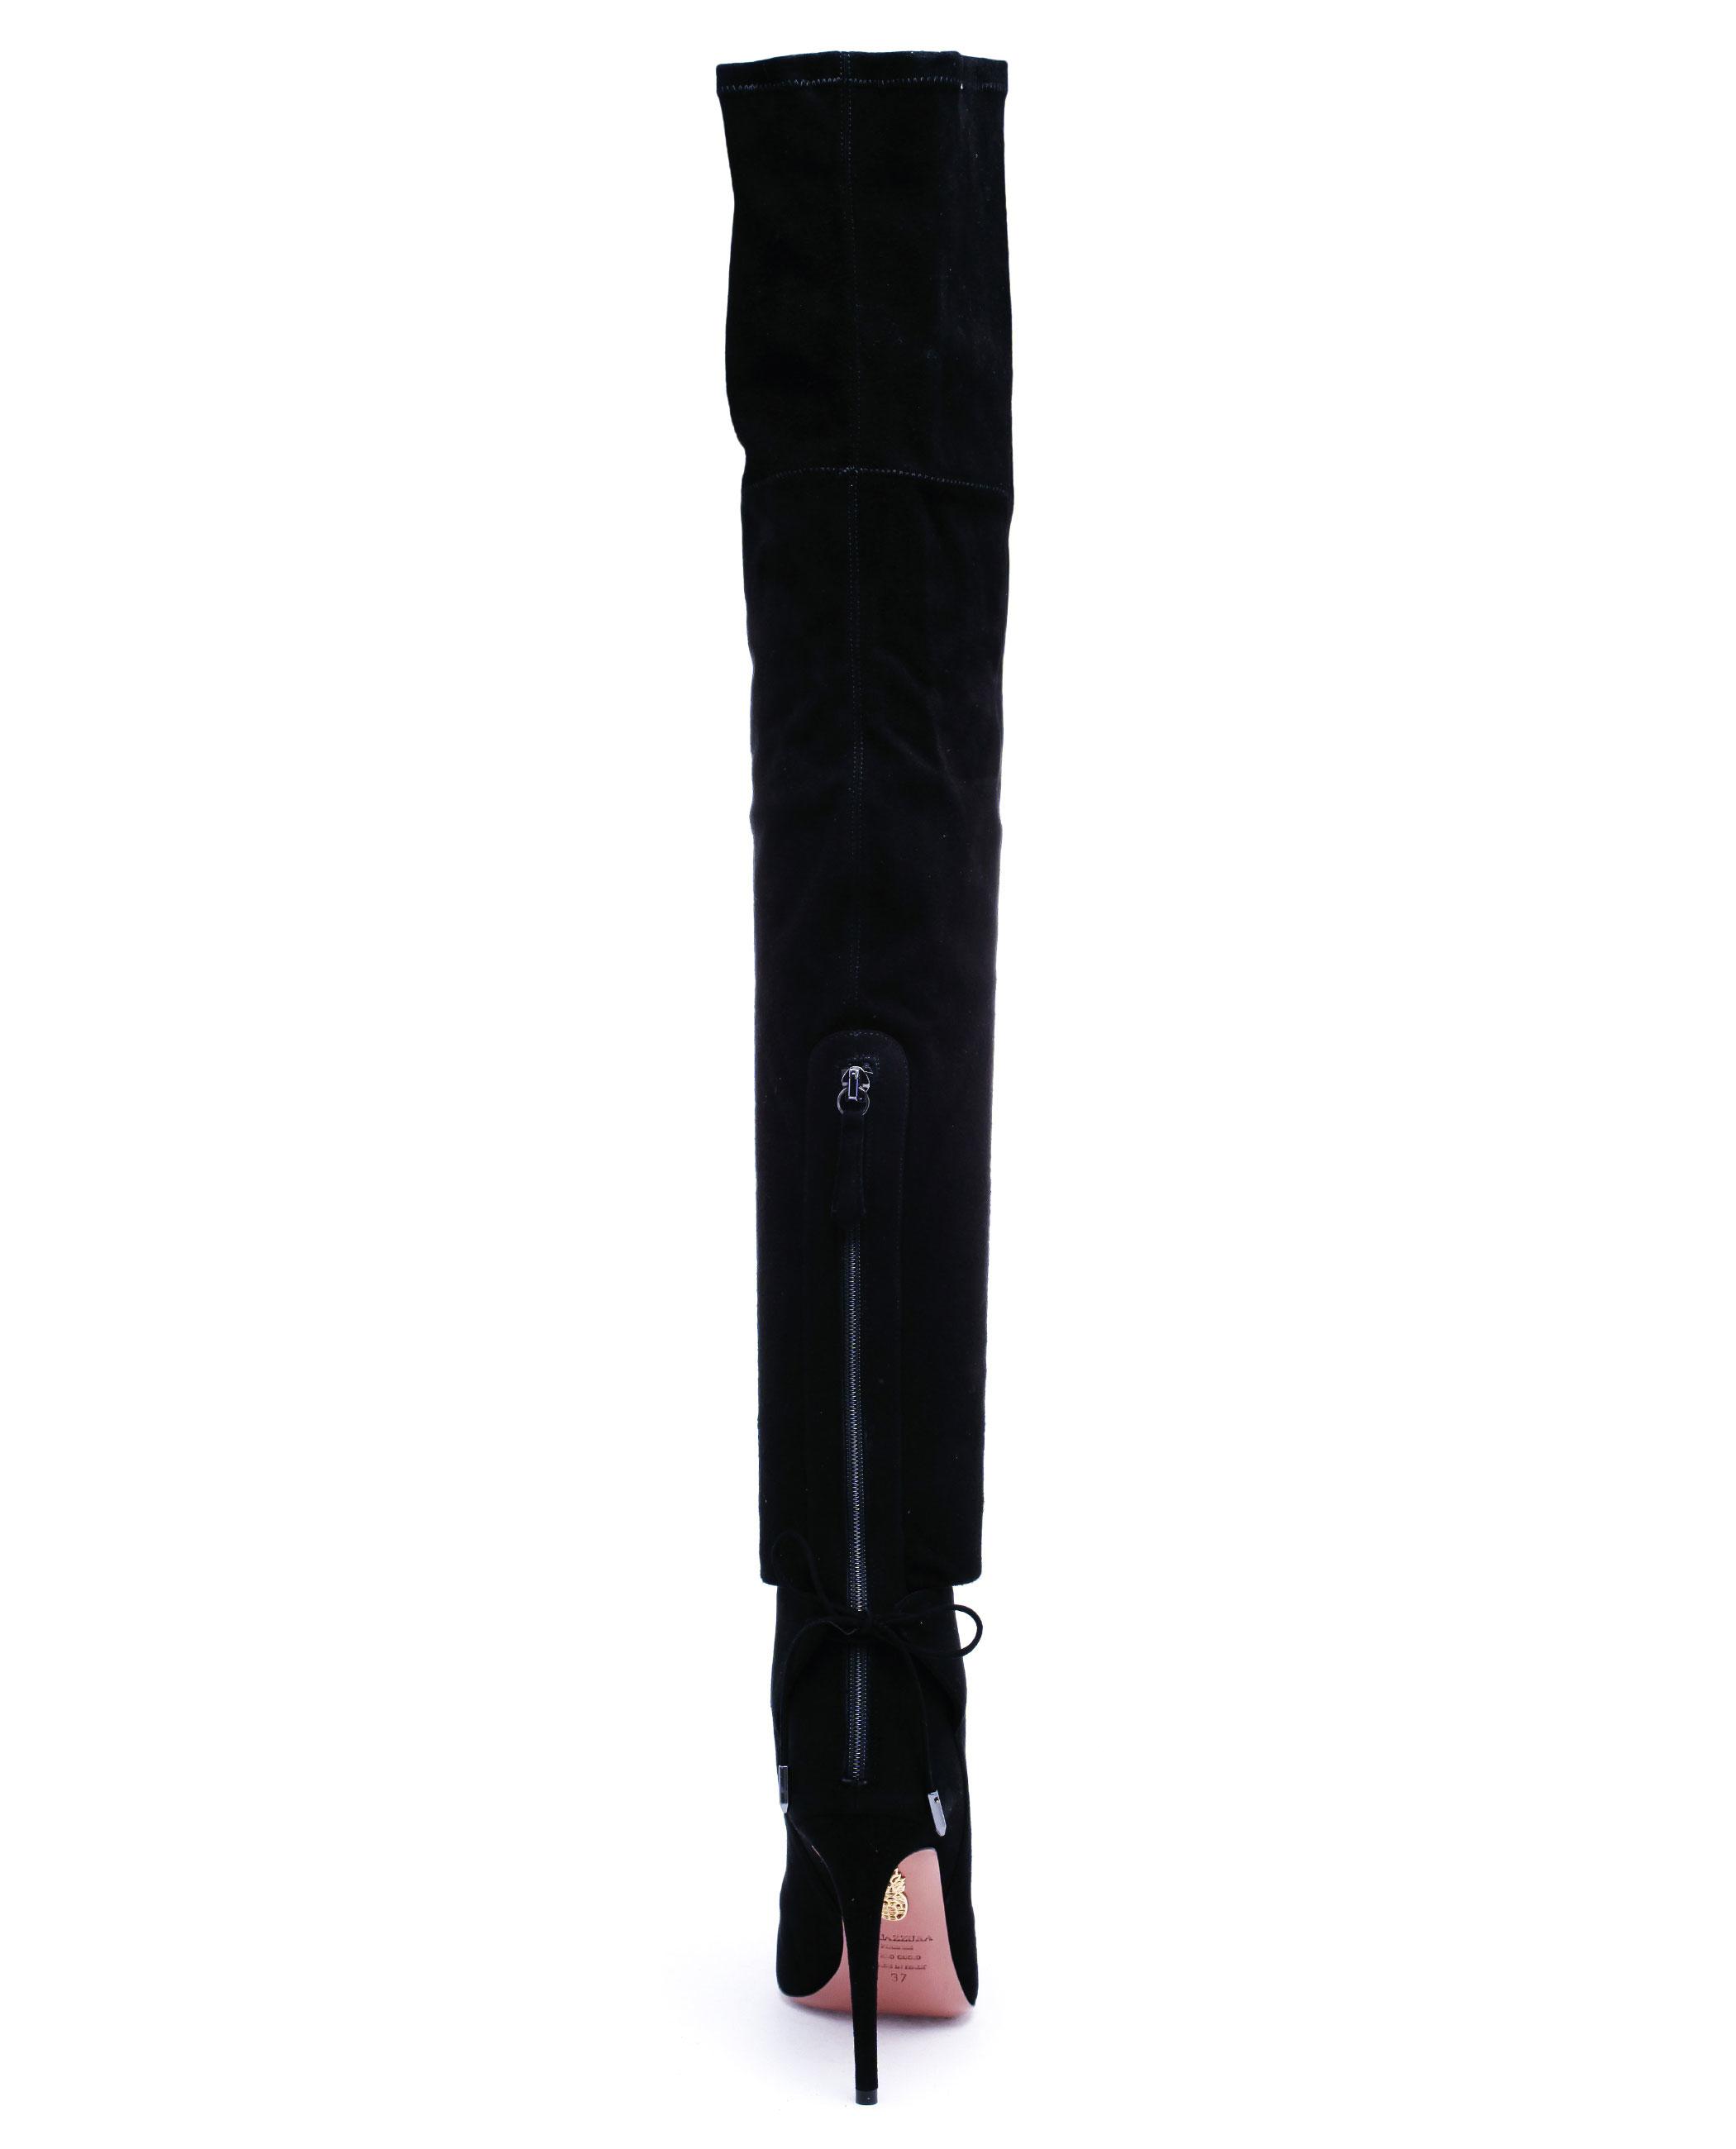 945b29e714d Aquazzura Black Giselle Cuissard Thigh High Suede Boots